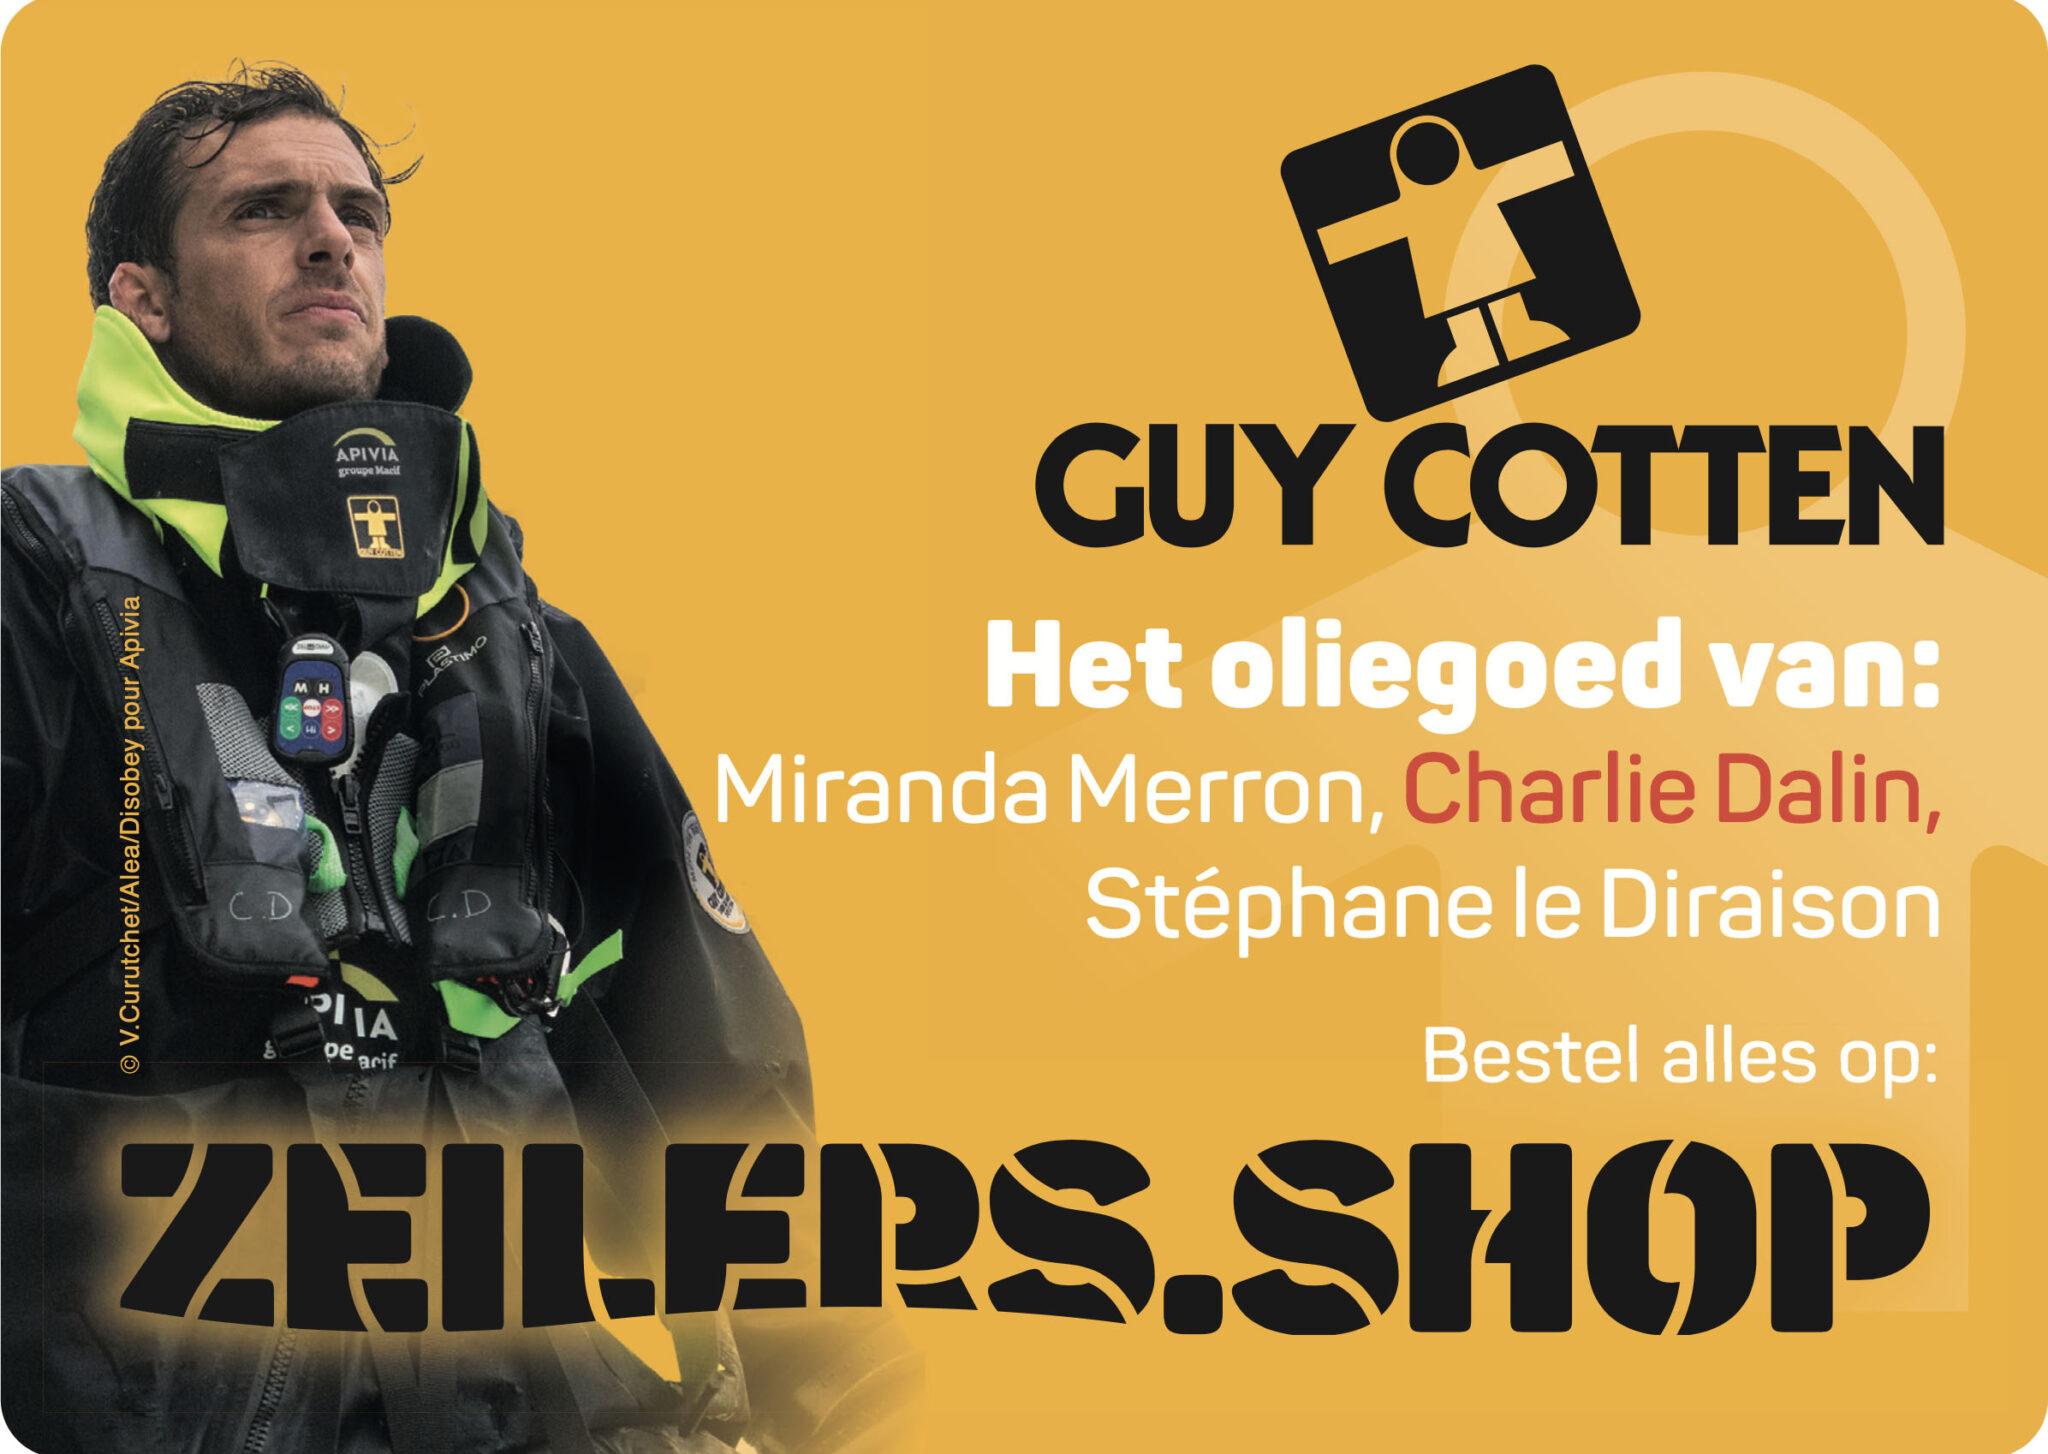 Zeilers.Shop advertentie voor Guy Cotten oliegoed en zeilkleding